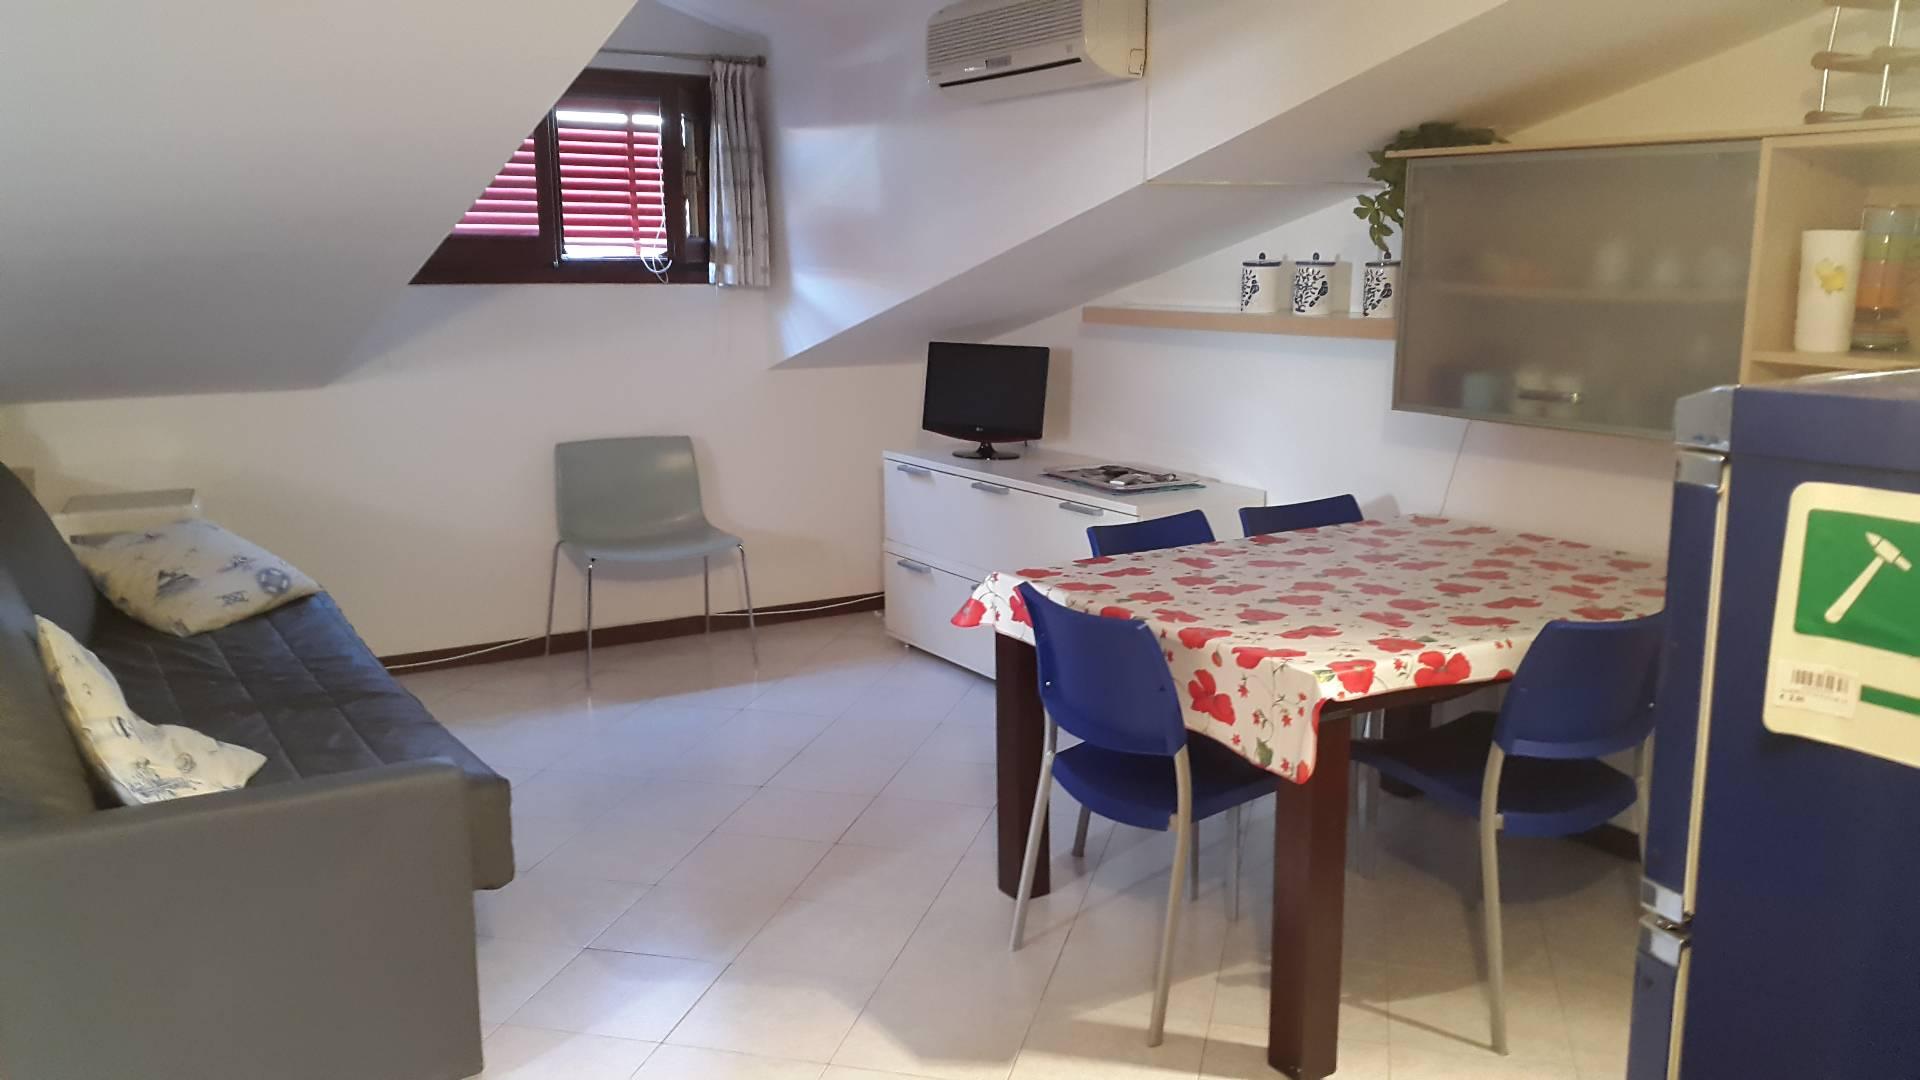 Attico / Mansarda in vendita a Jesolo, 1 locali, prezzo € 140.000 | Cambio Casa.it